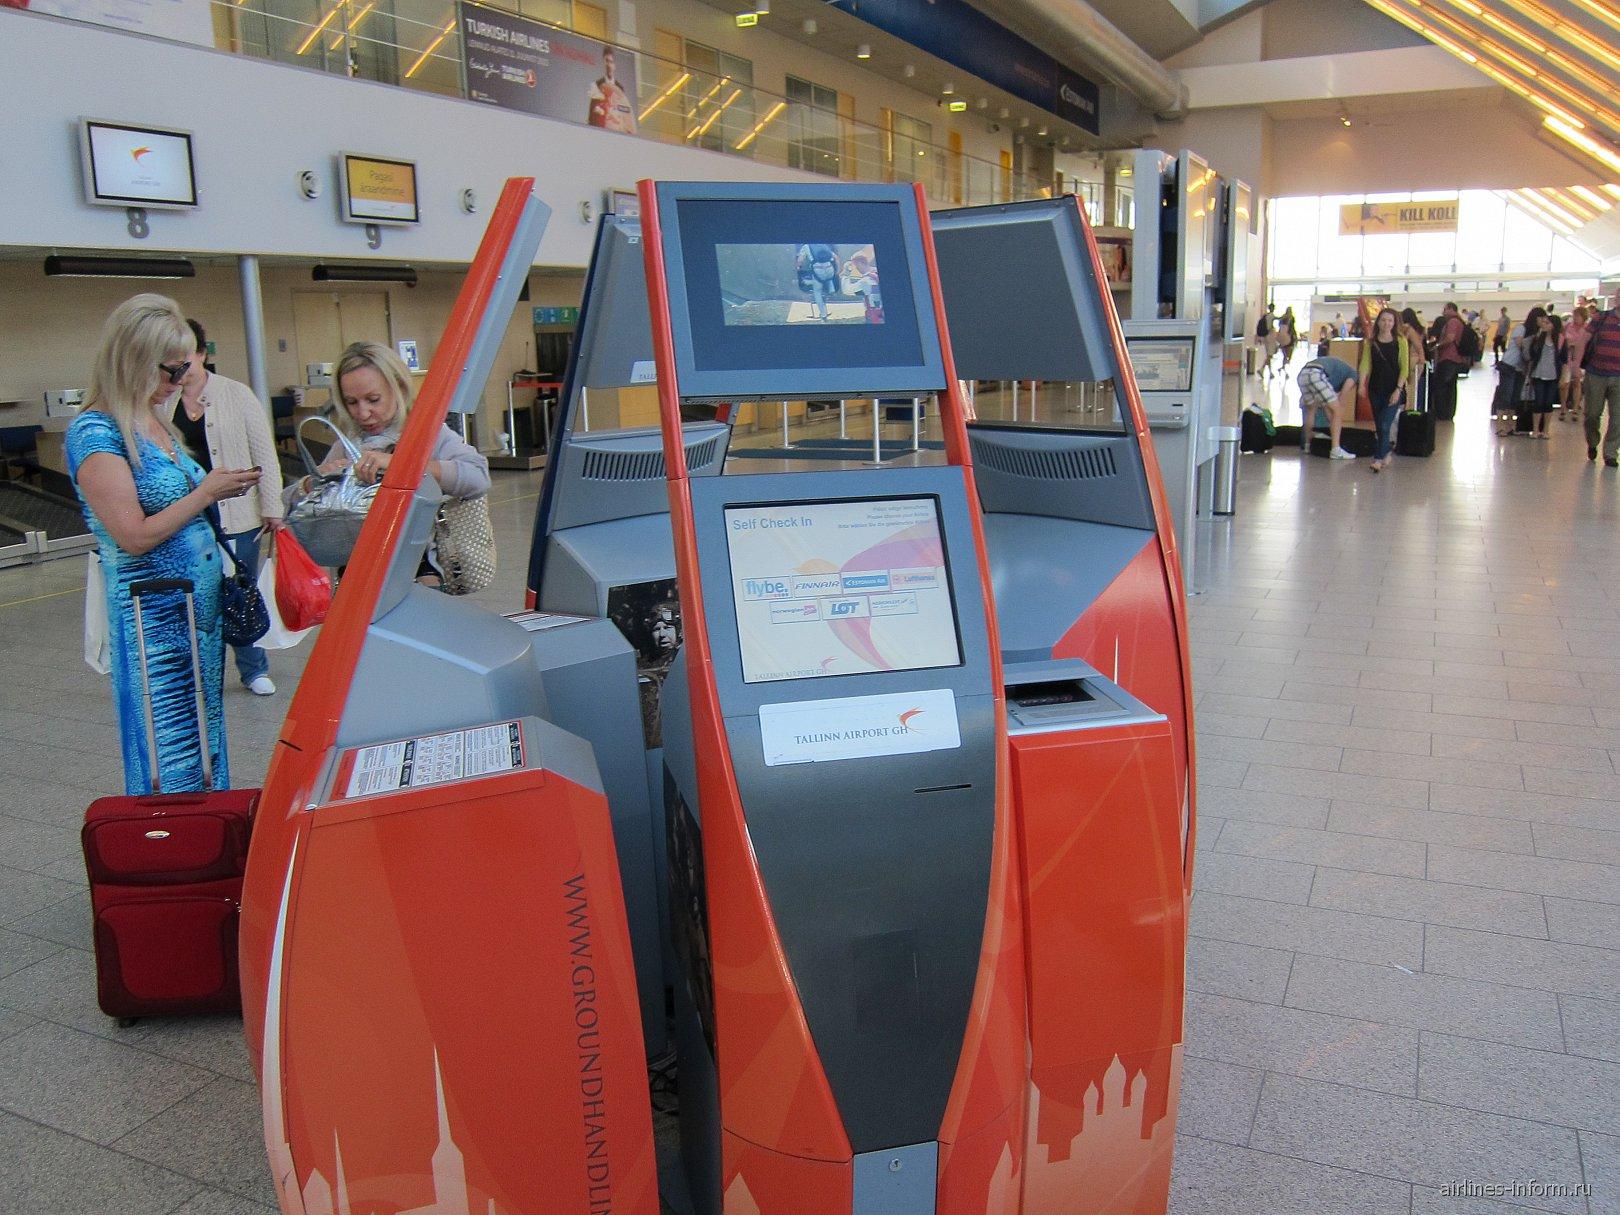 Зал вылета и киоски саморегистрации в аэропорту Таллинн